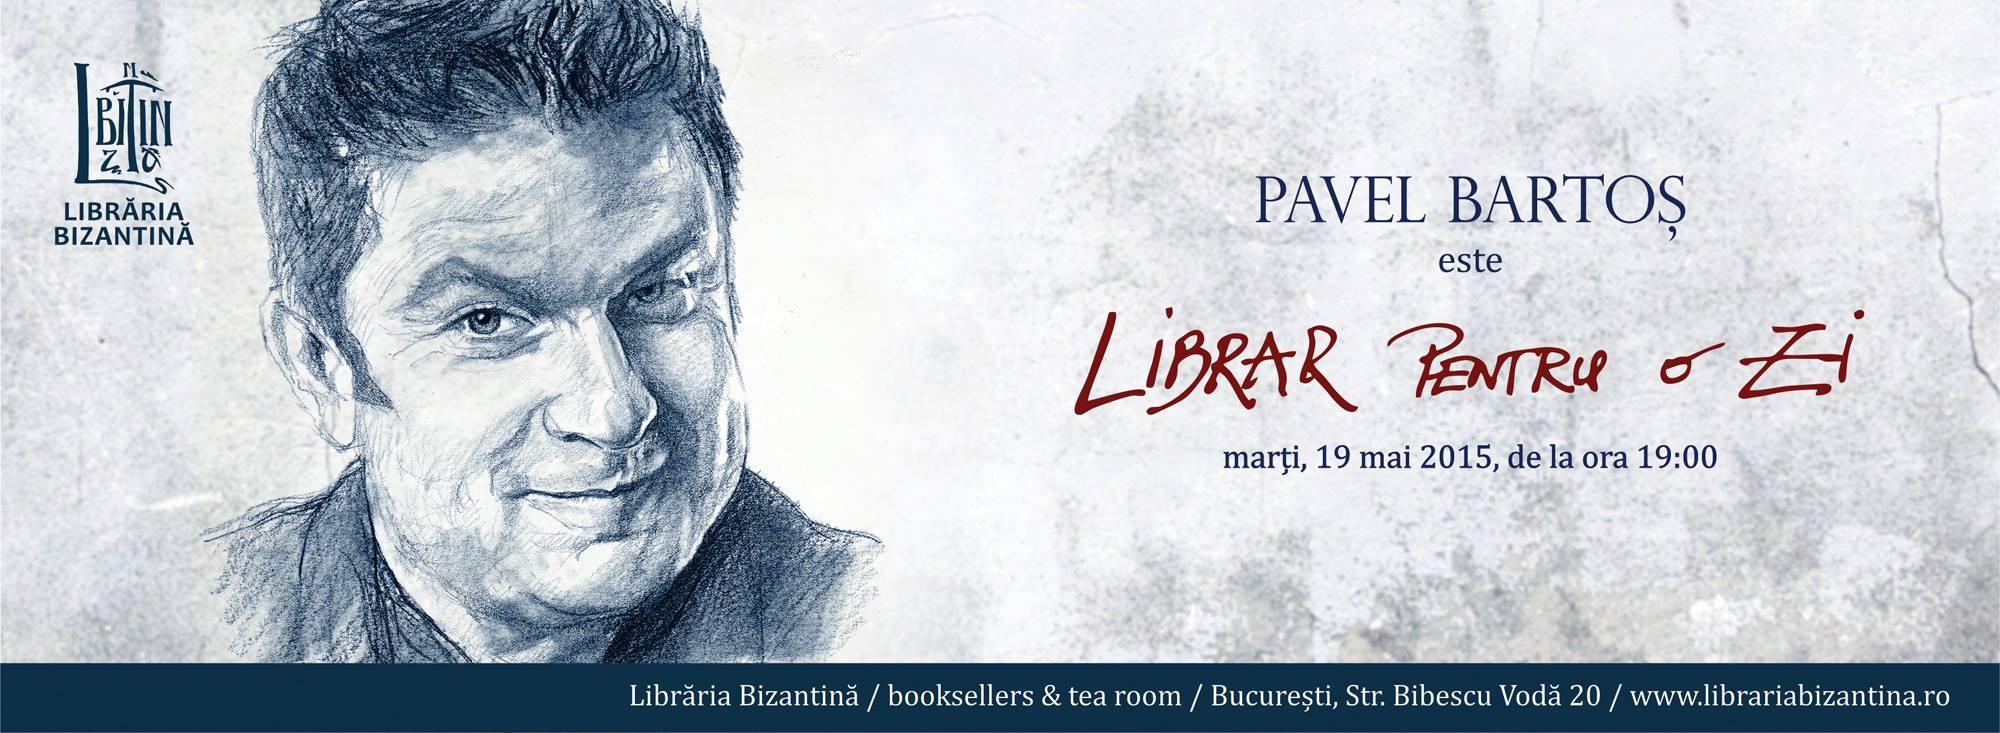 Librar pentru o zi este Pavel Bartoș